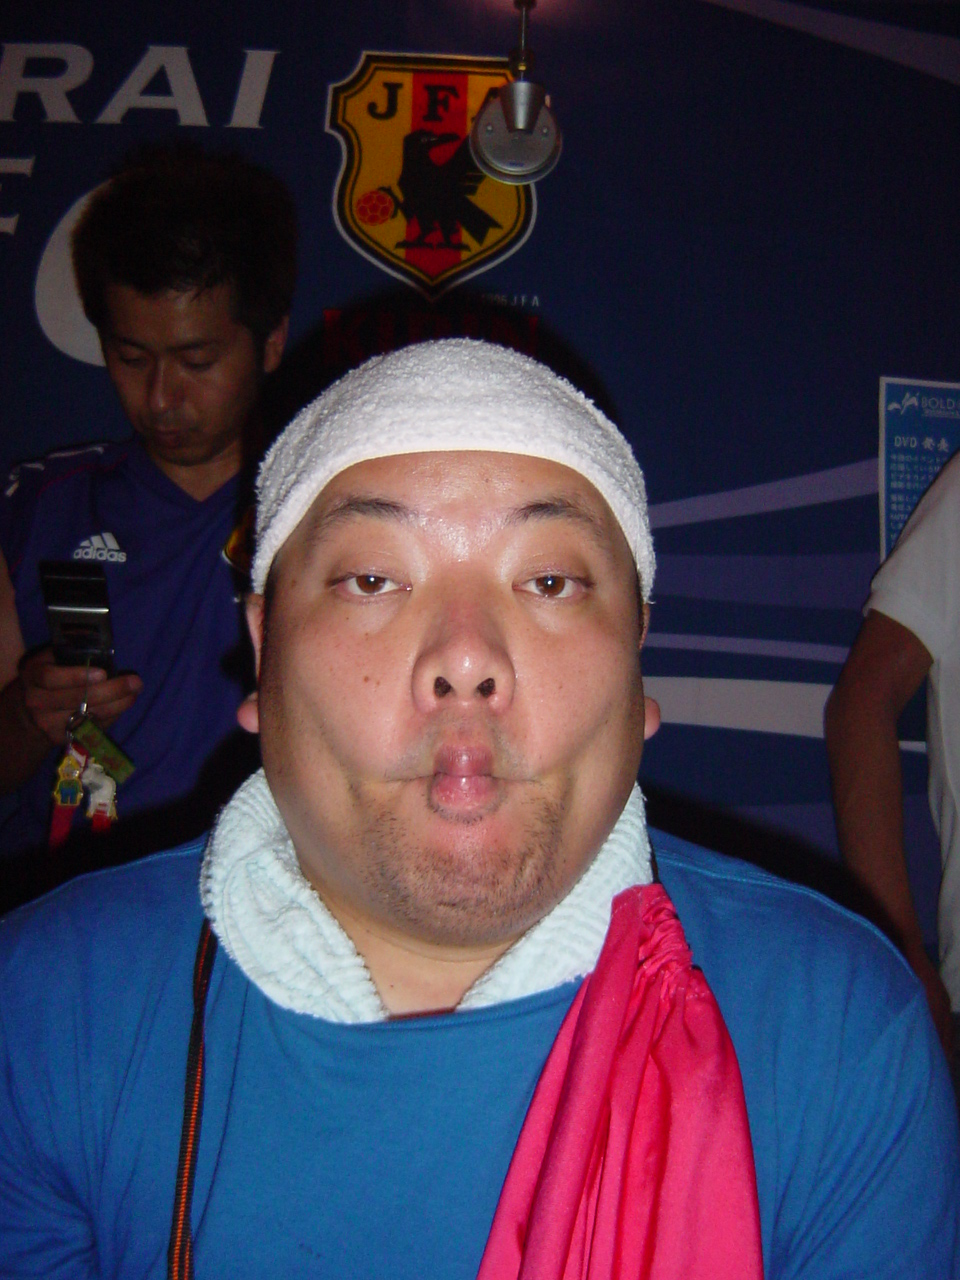 http://livedoor.blogimg.jp/akiramenai2005/imgs/8/5/856090d6.JPG?blog_id=497451